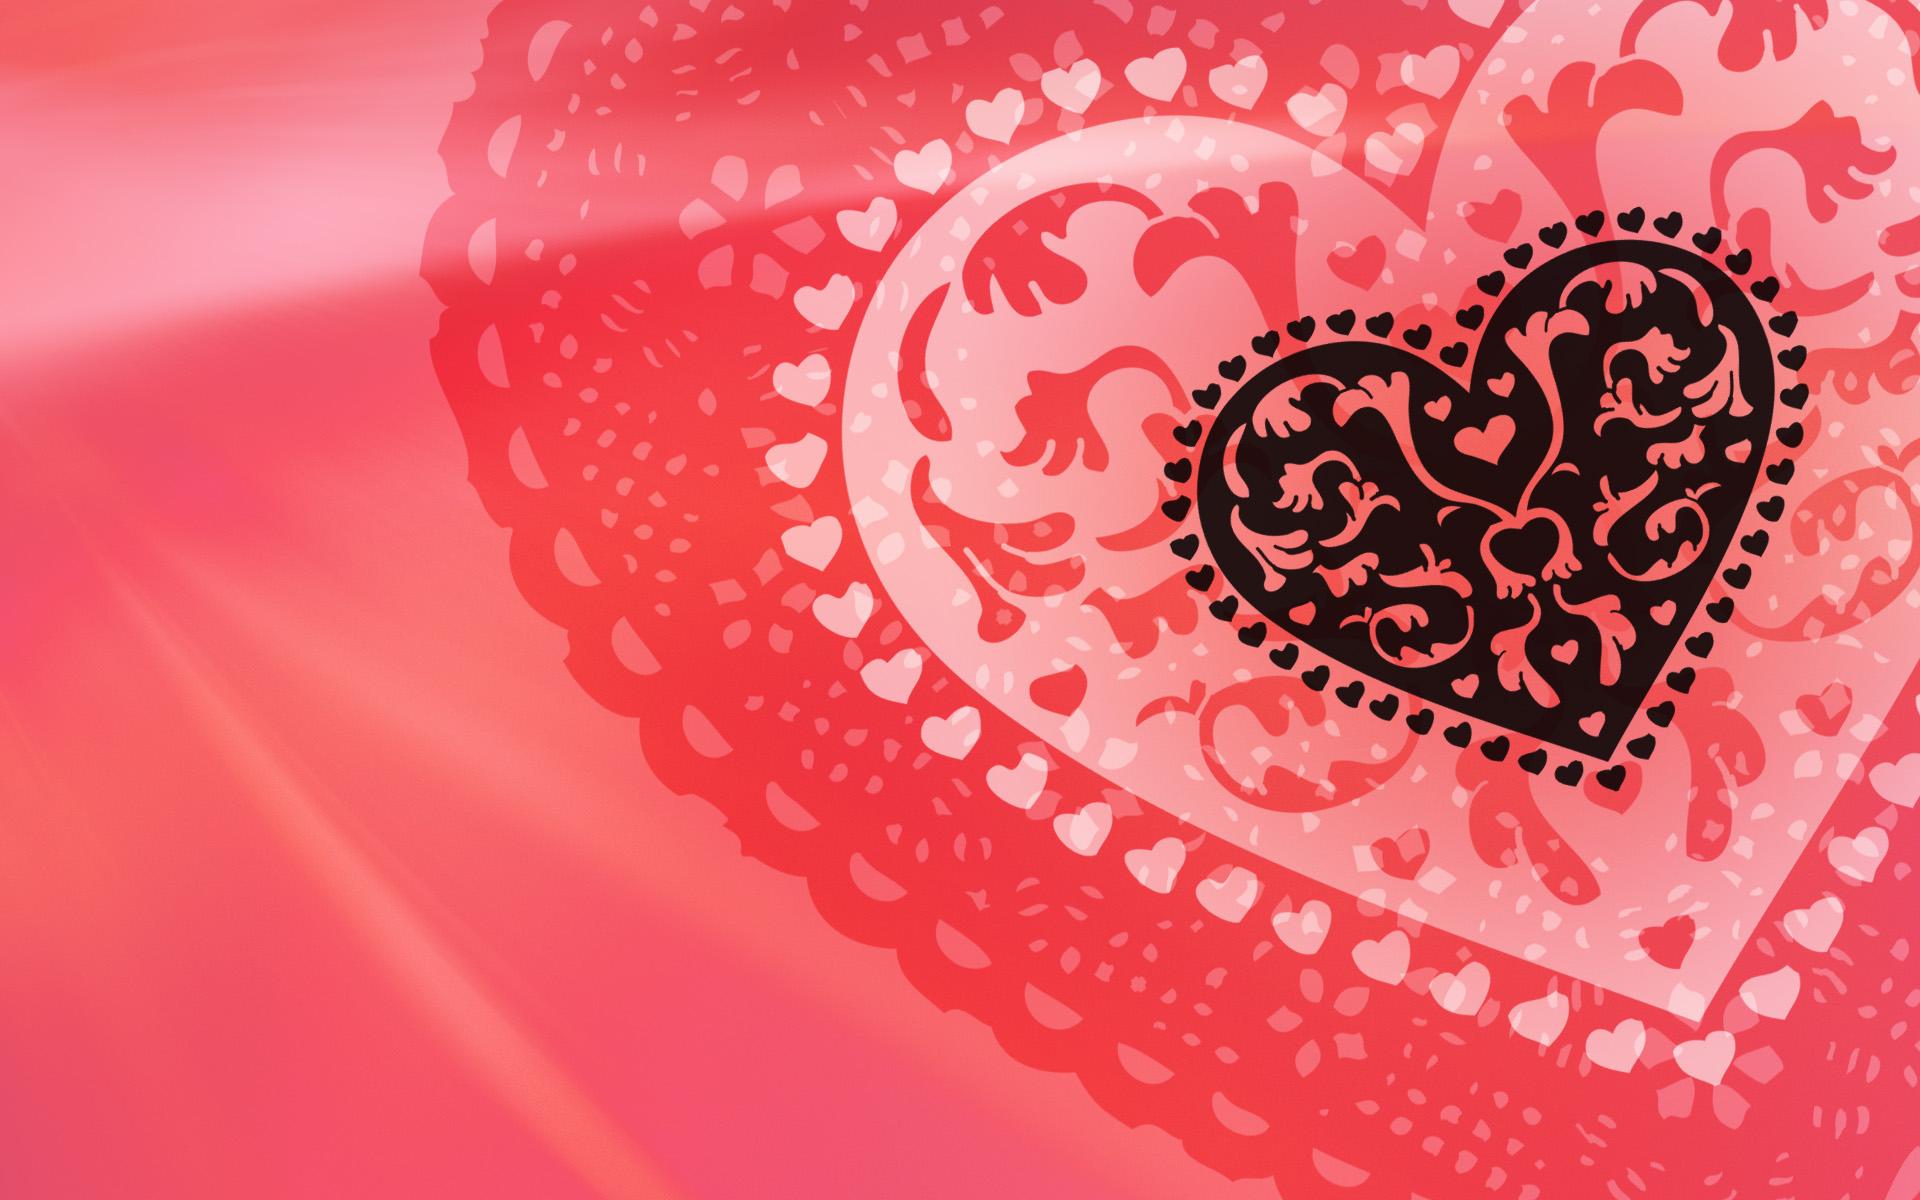 Любовь сердца абстрактный Валентина. обои скачать